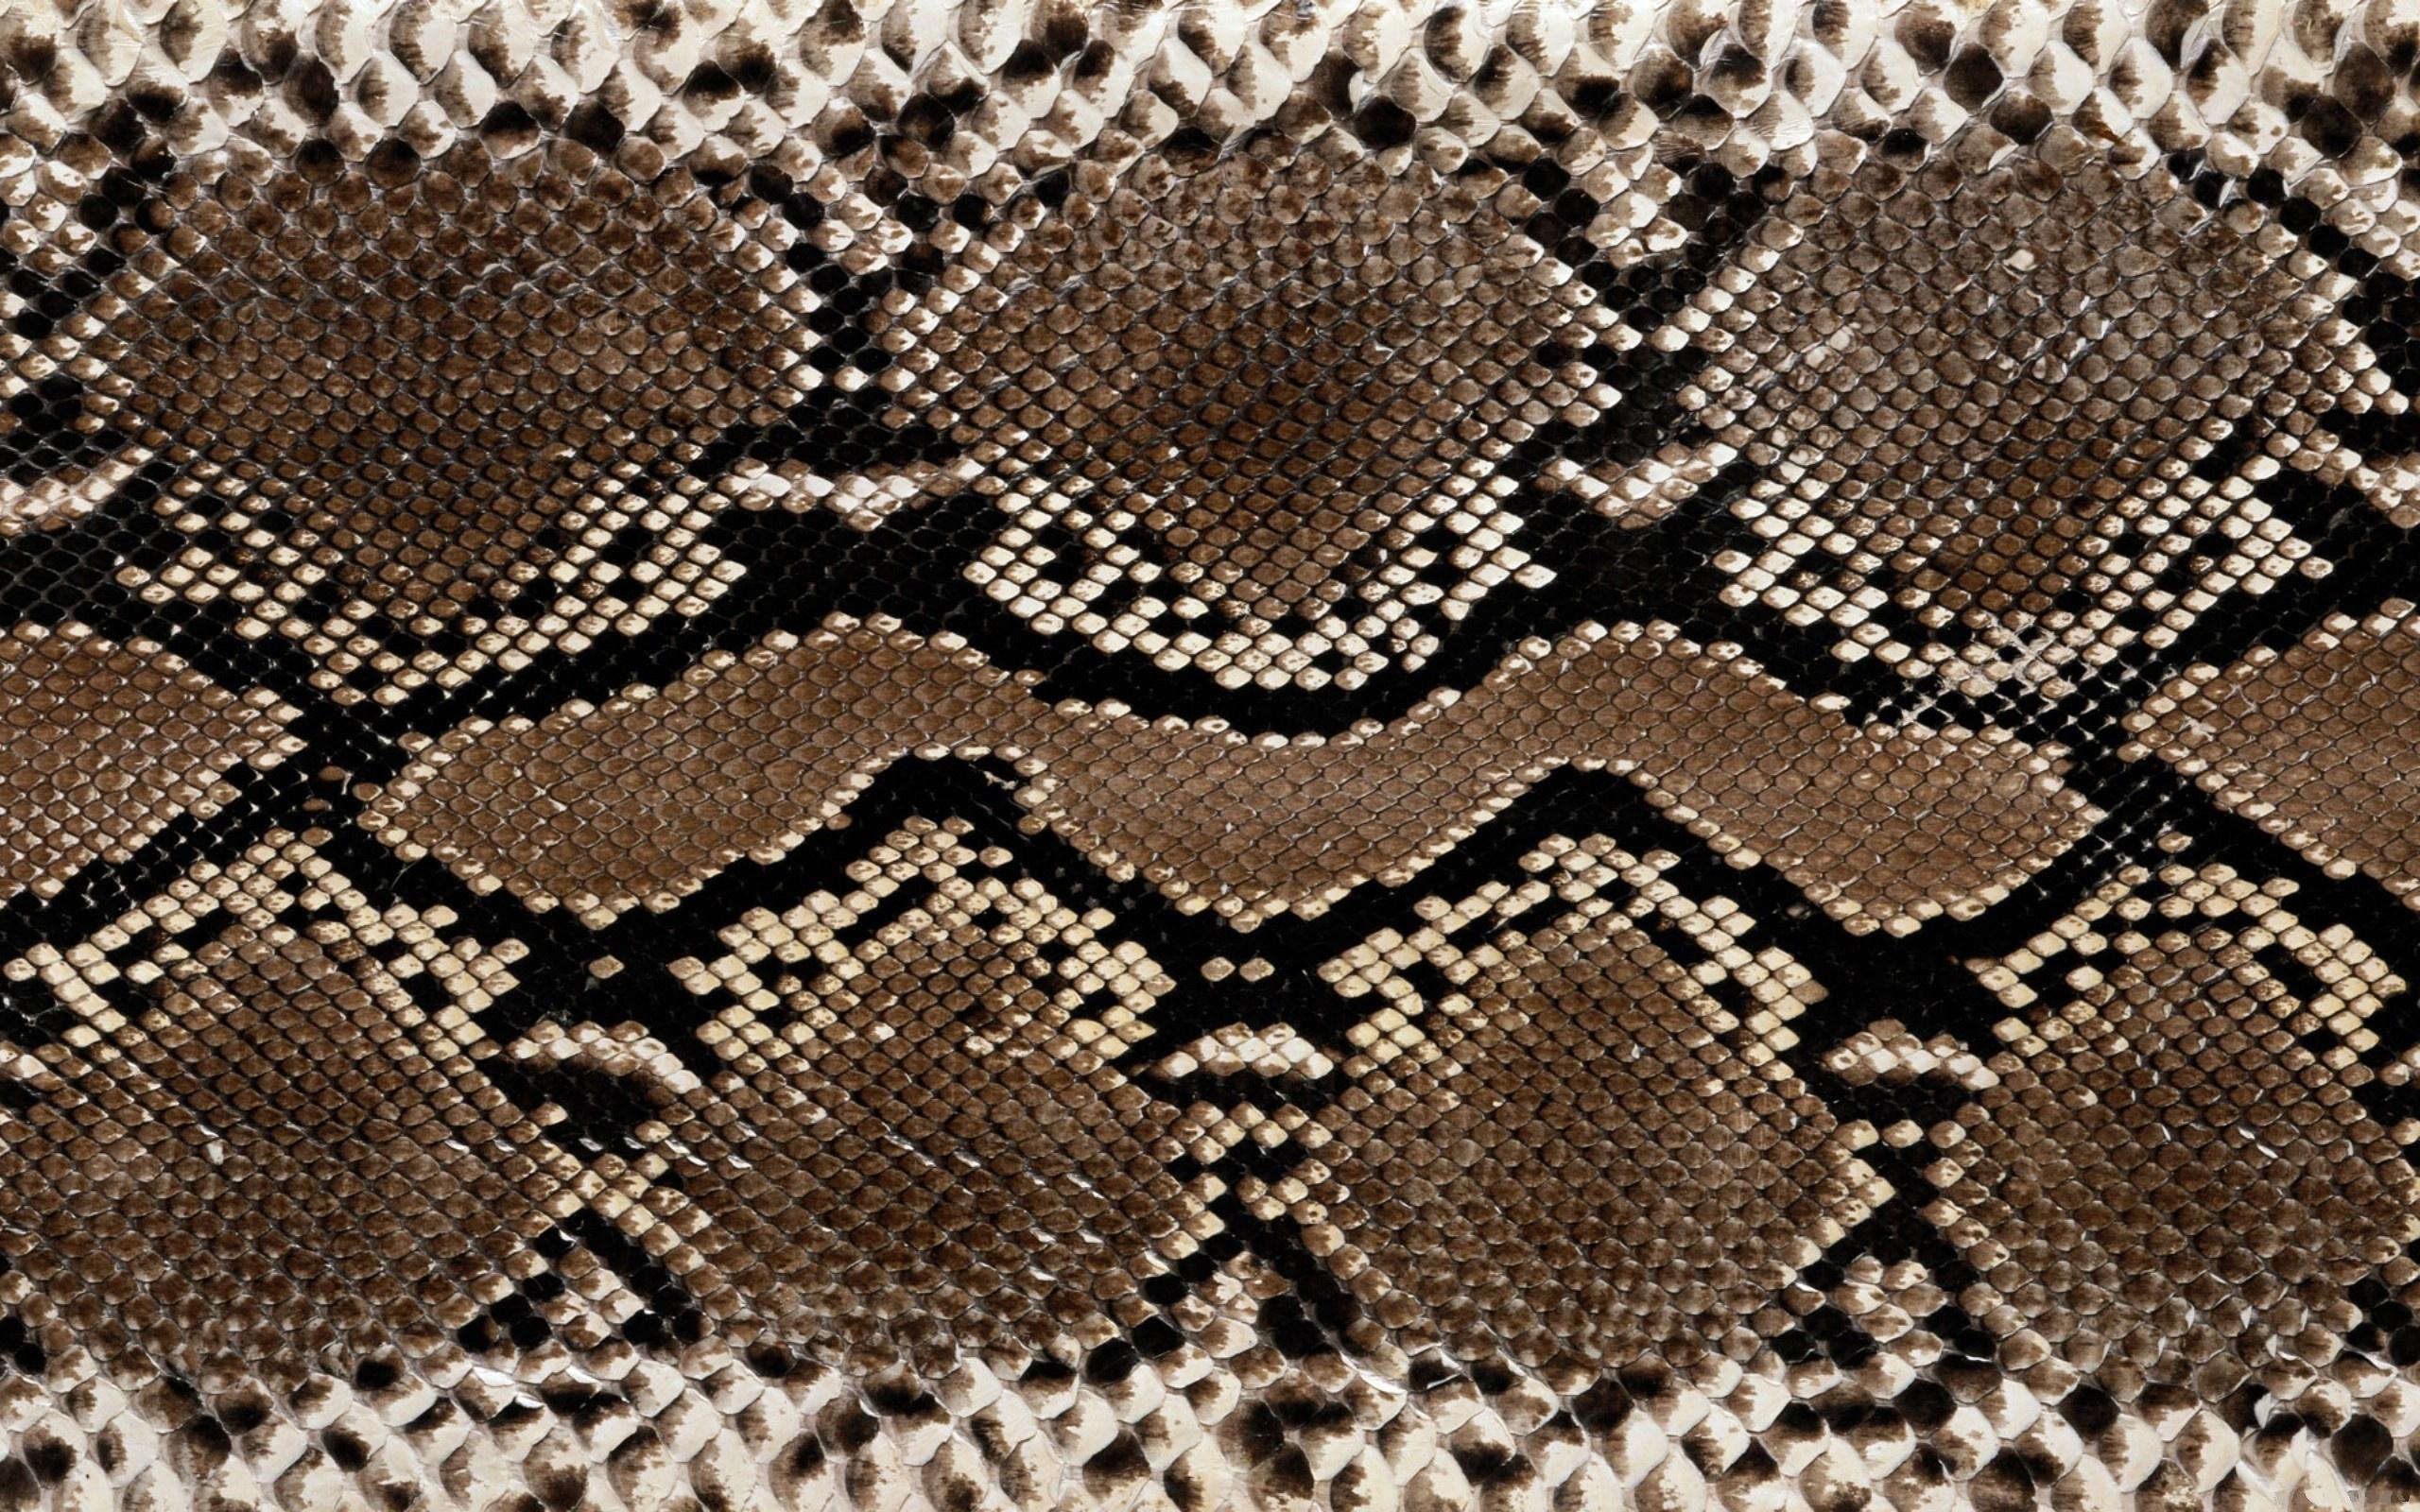 Текстура кожи змеи  № 3269806 загрузить